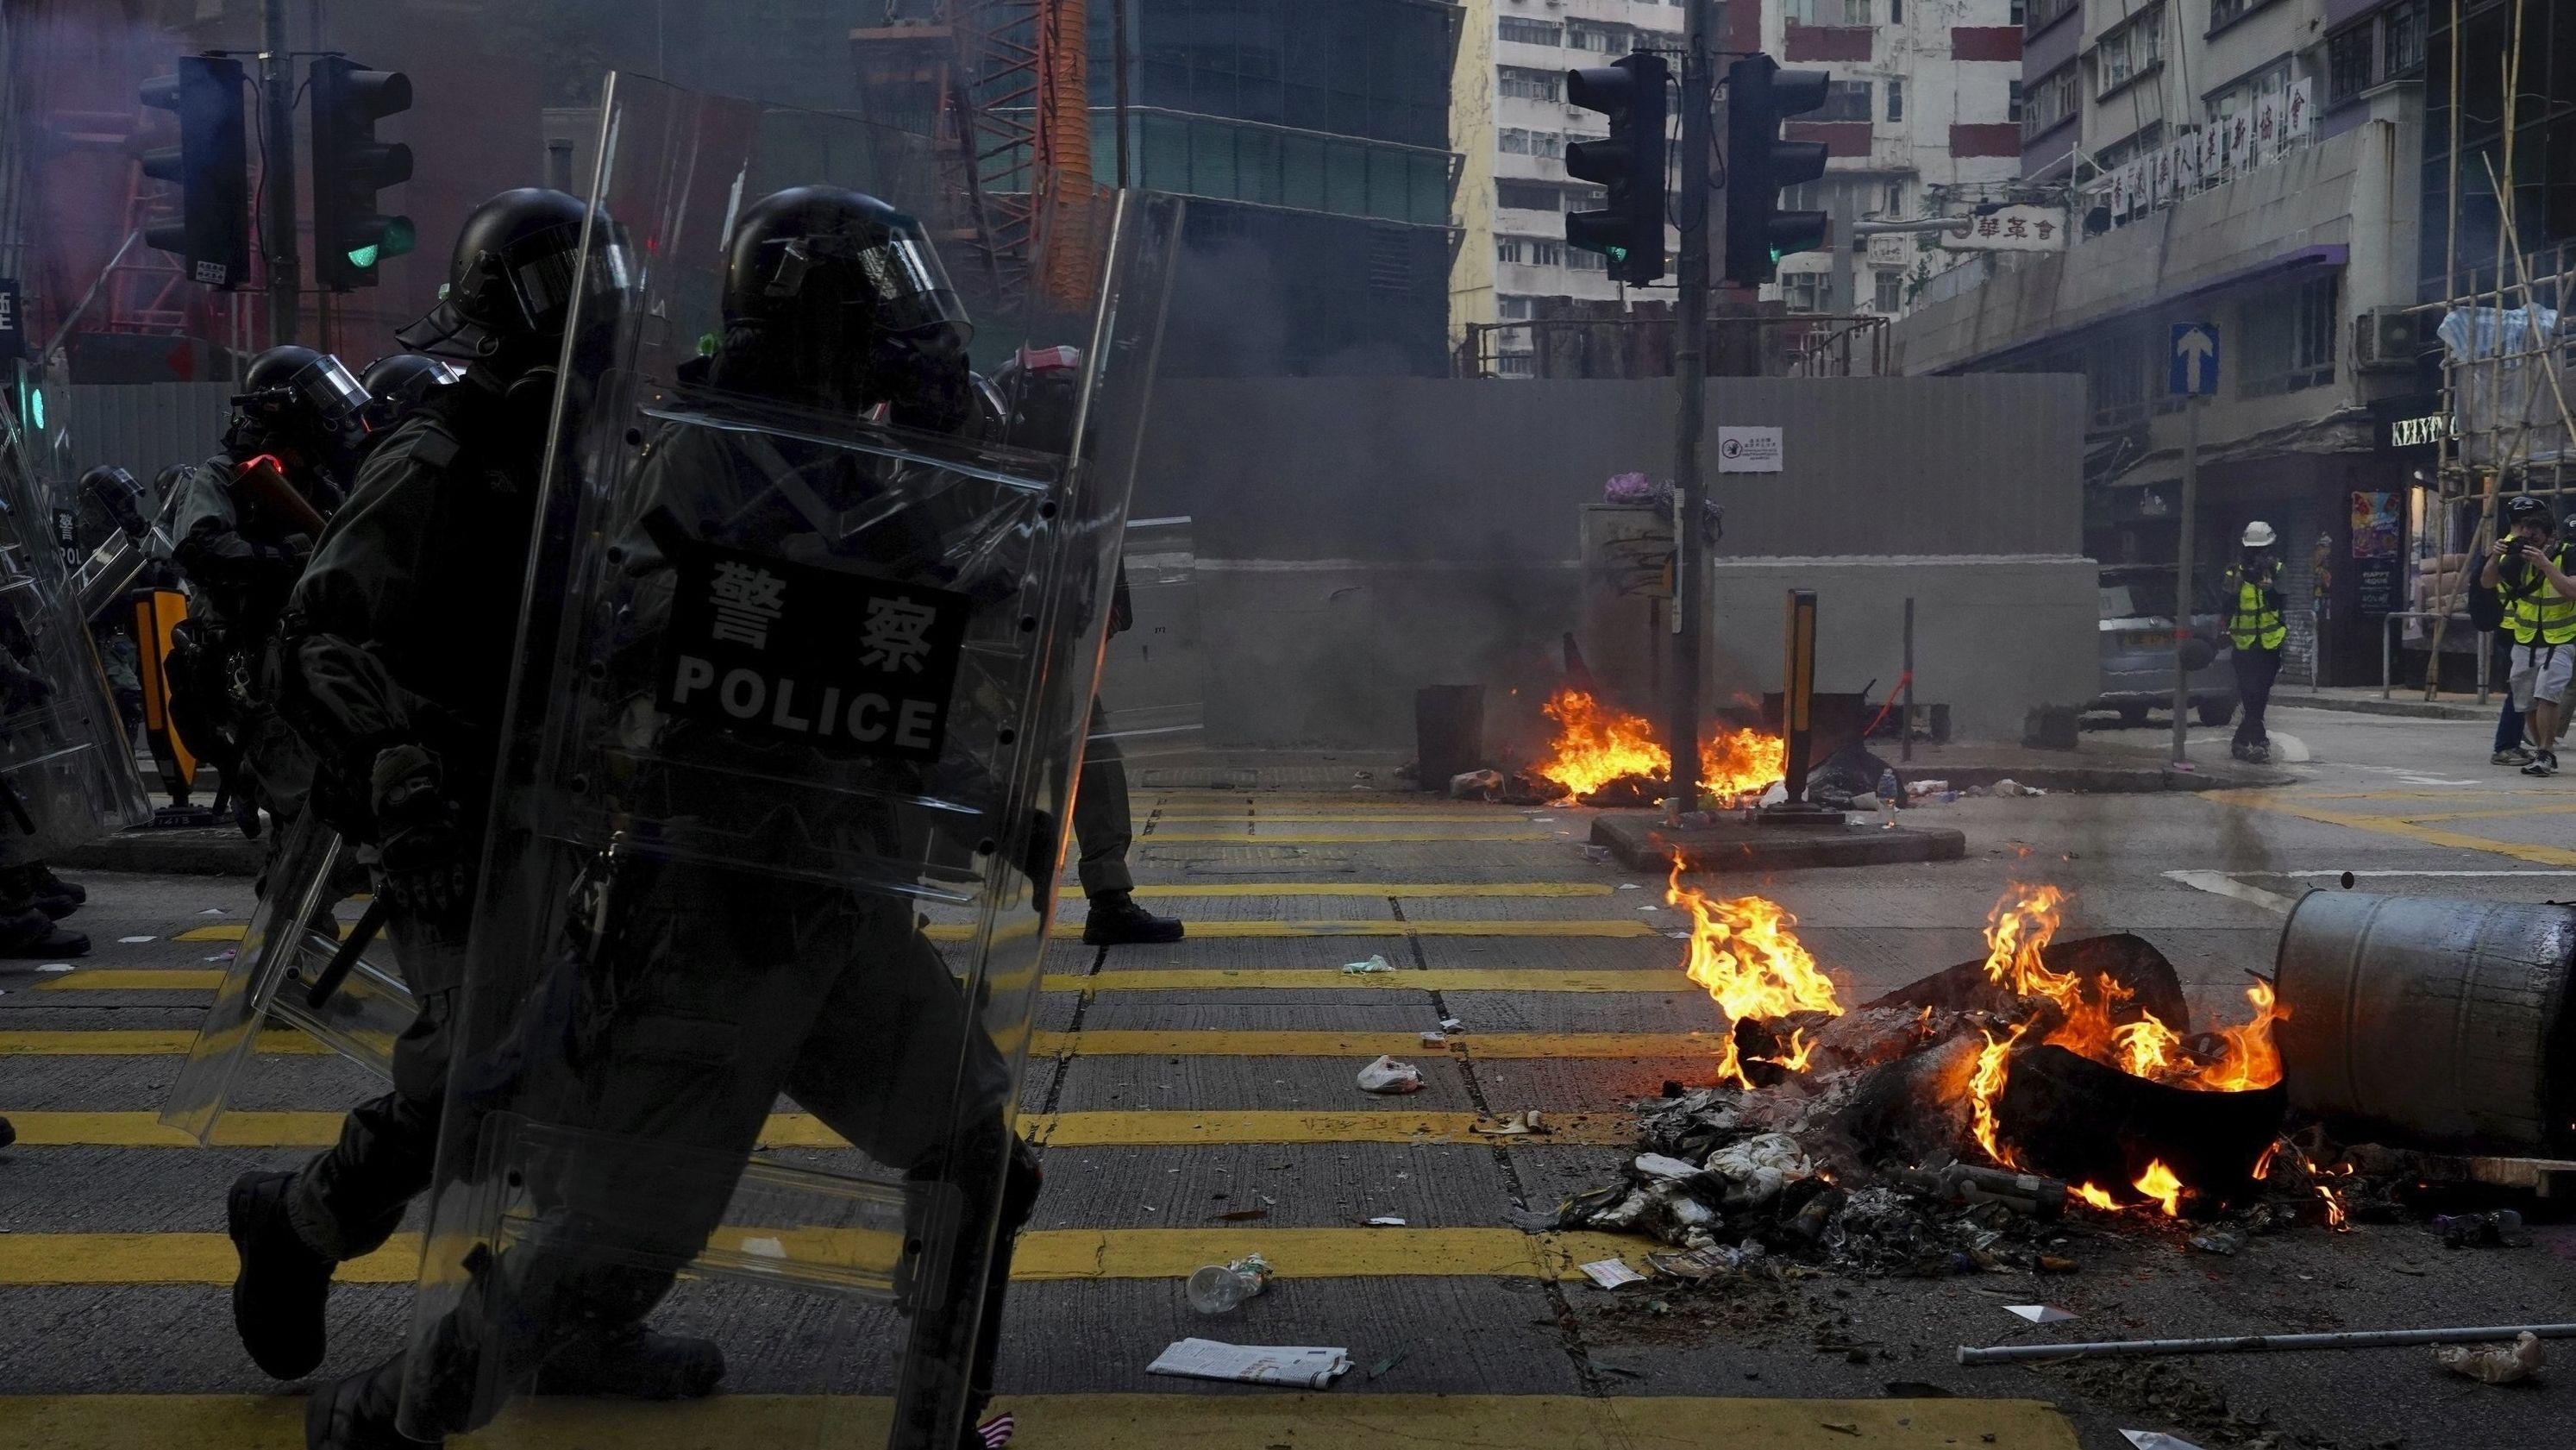 Polizisten in Hongkong während einer Demonstration am 1. Oktober 2019. Die Polizisten tragen Schutzkleidung und befinden sich nahe einer brennenden Barrikade.